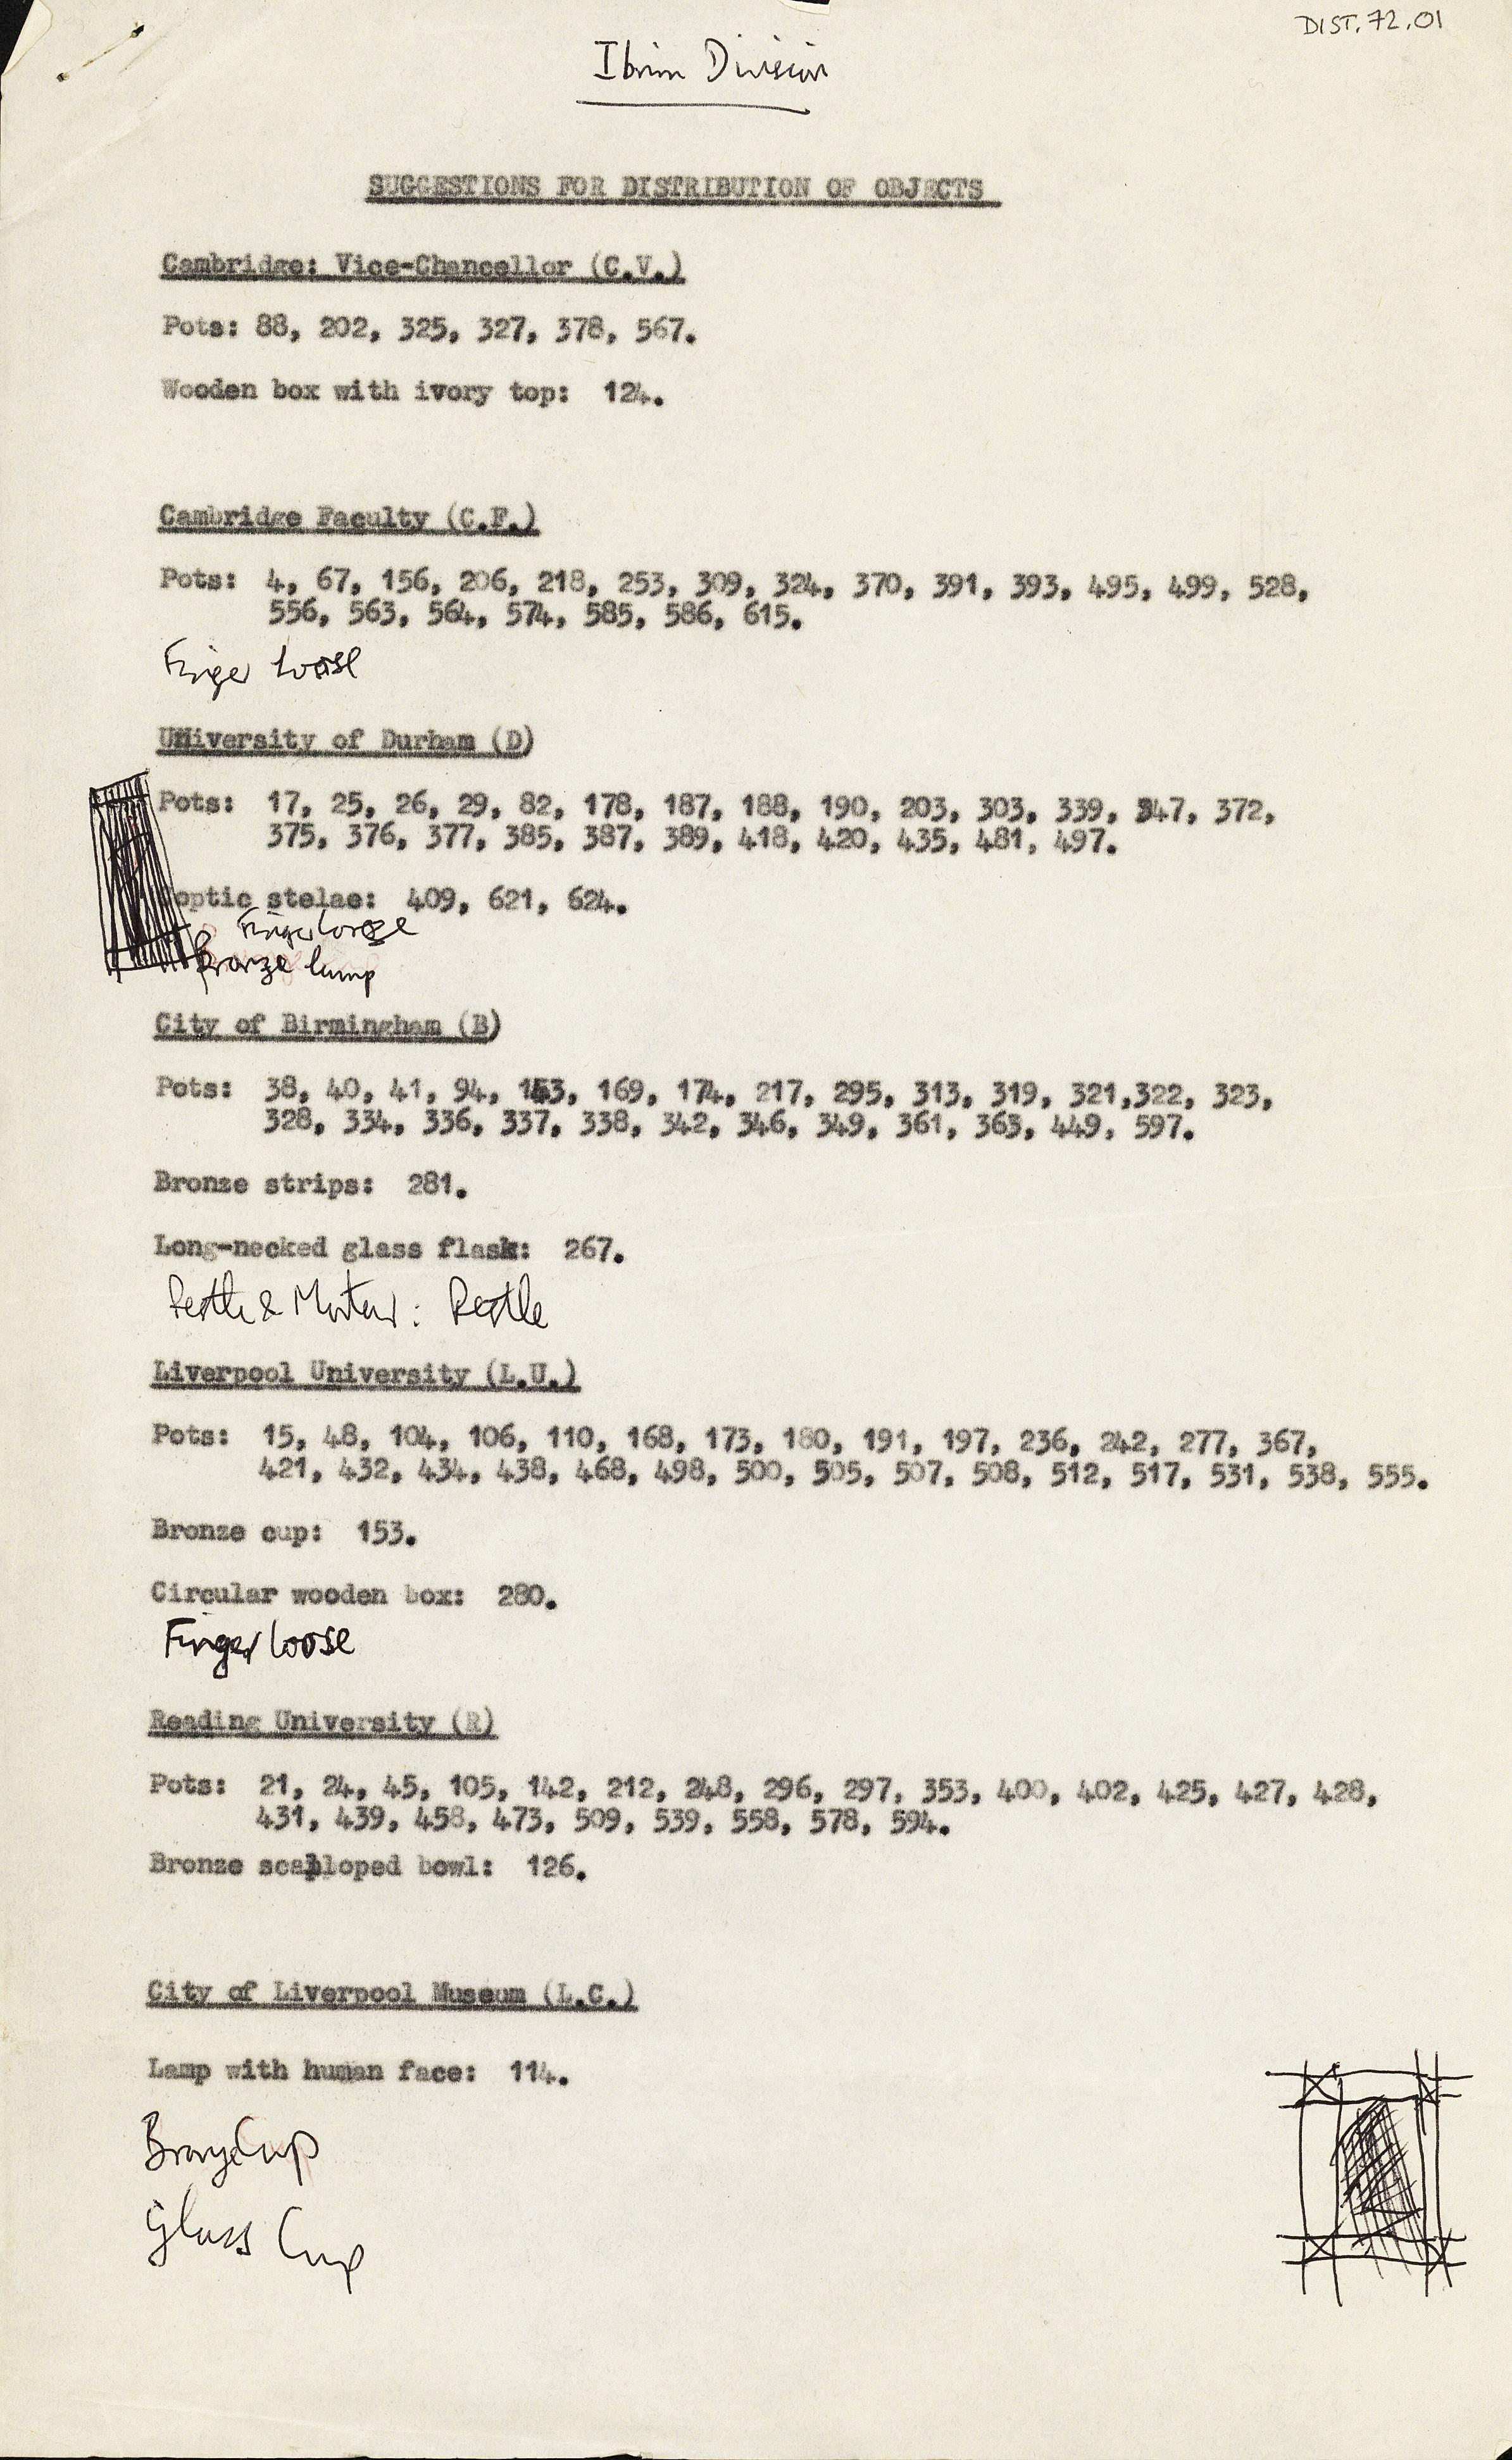 1967-79 Qasr Ibrim DIST.72.01a